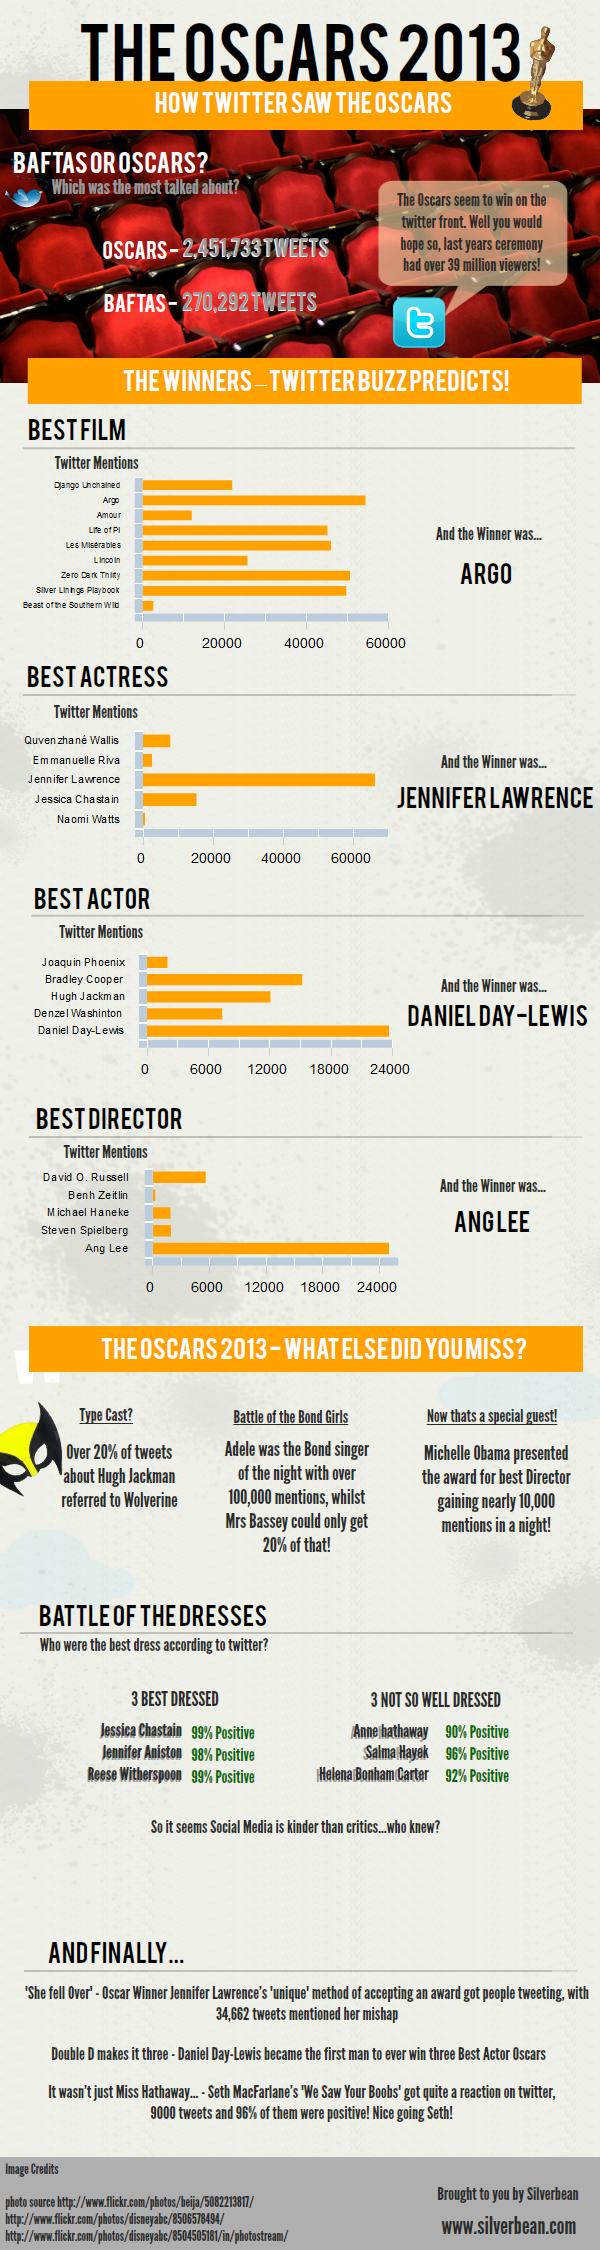 Los Óscar de esta noche, en una #infografía